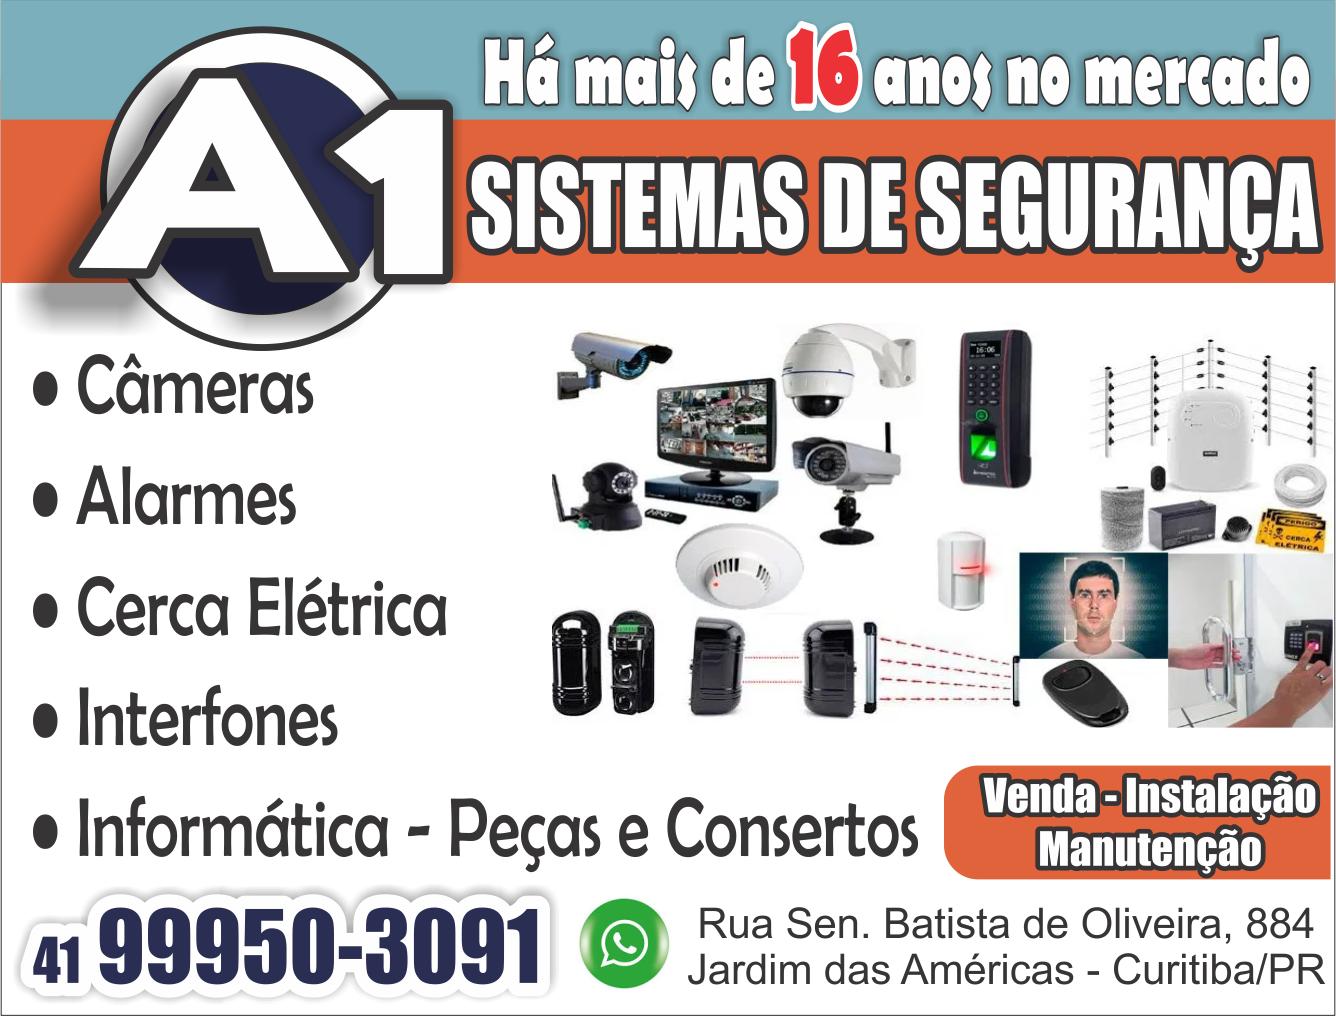 A1 Sistemas de Segurança - RUA SENADOR BATISTA DE OLIVEIRA, 884, CURITIBA - PR  Fones: (41)99950-3091 / (41) 3573-0419